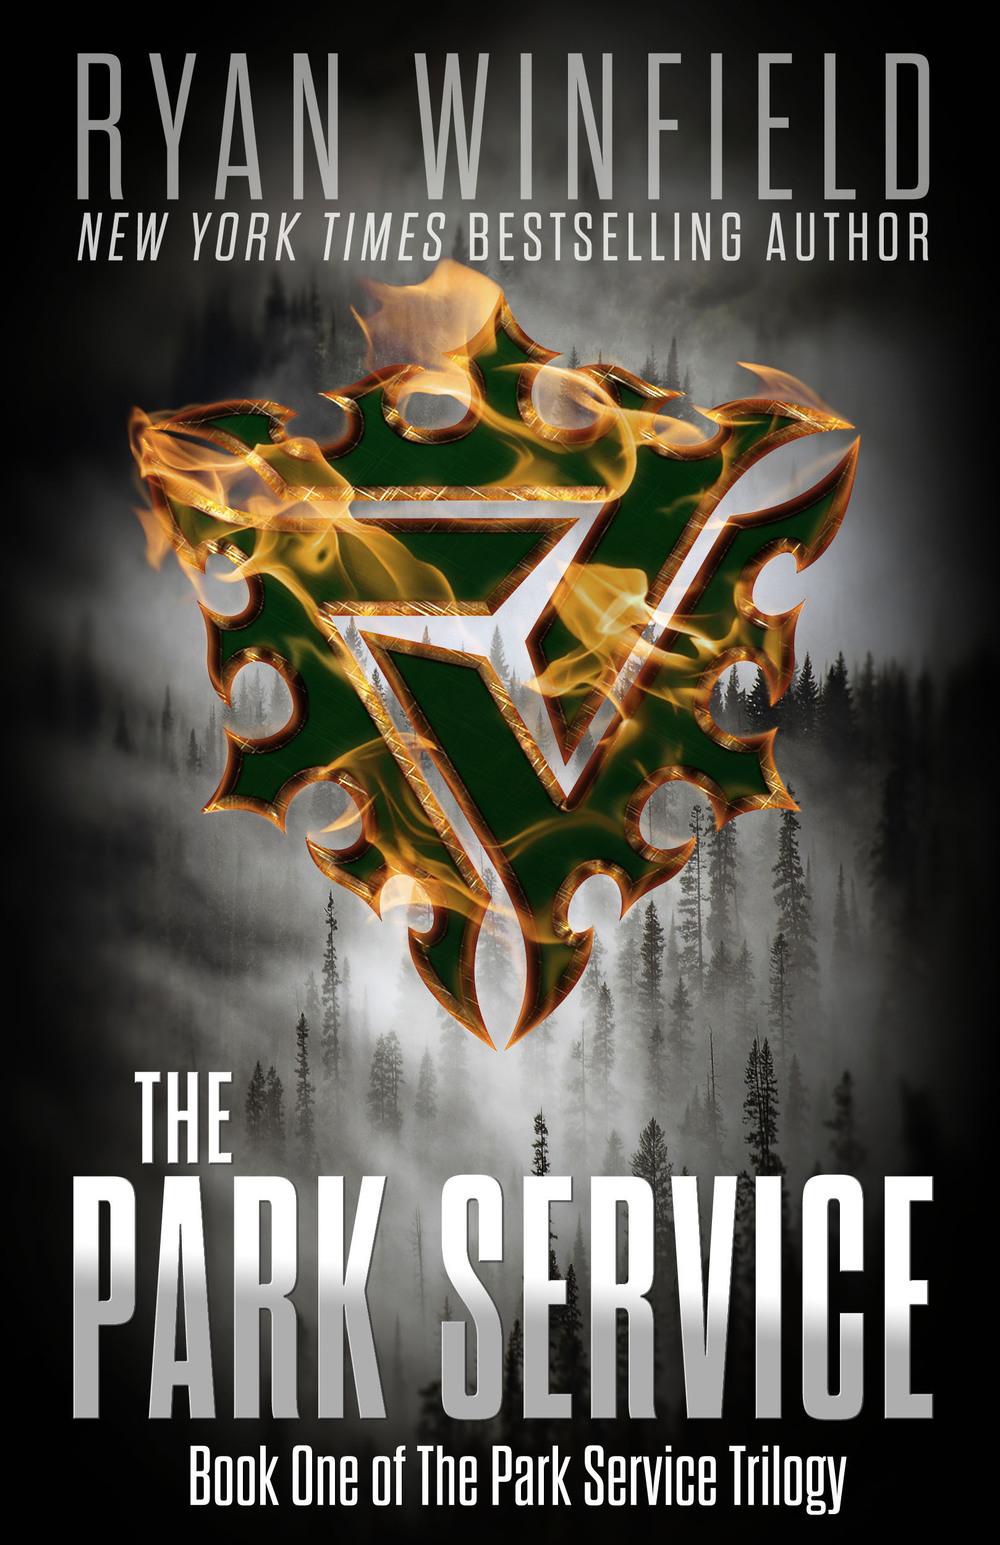 The Park Service